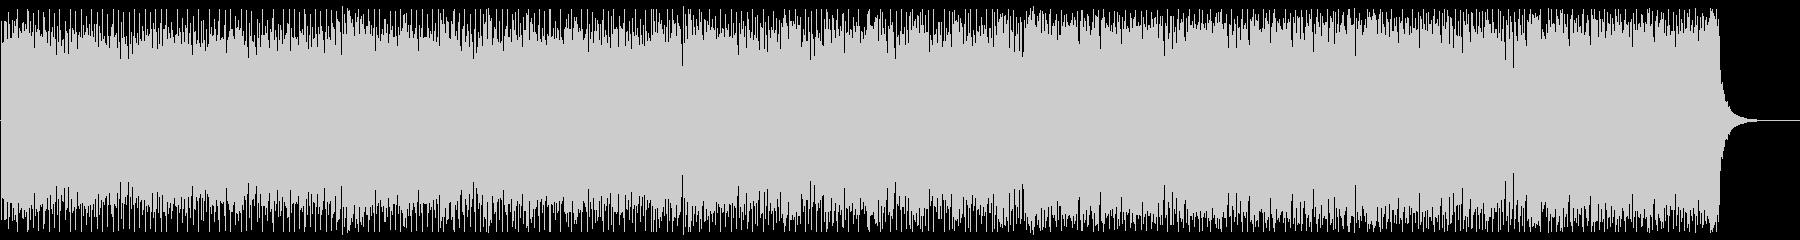 スムースでオシャレなフューチャーハウスの未再生の波形